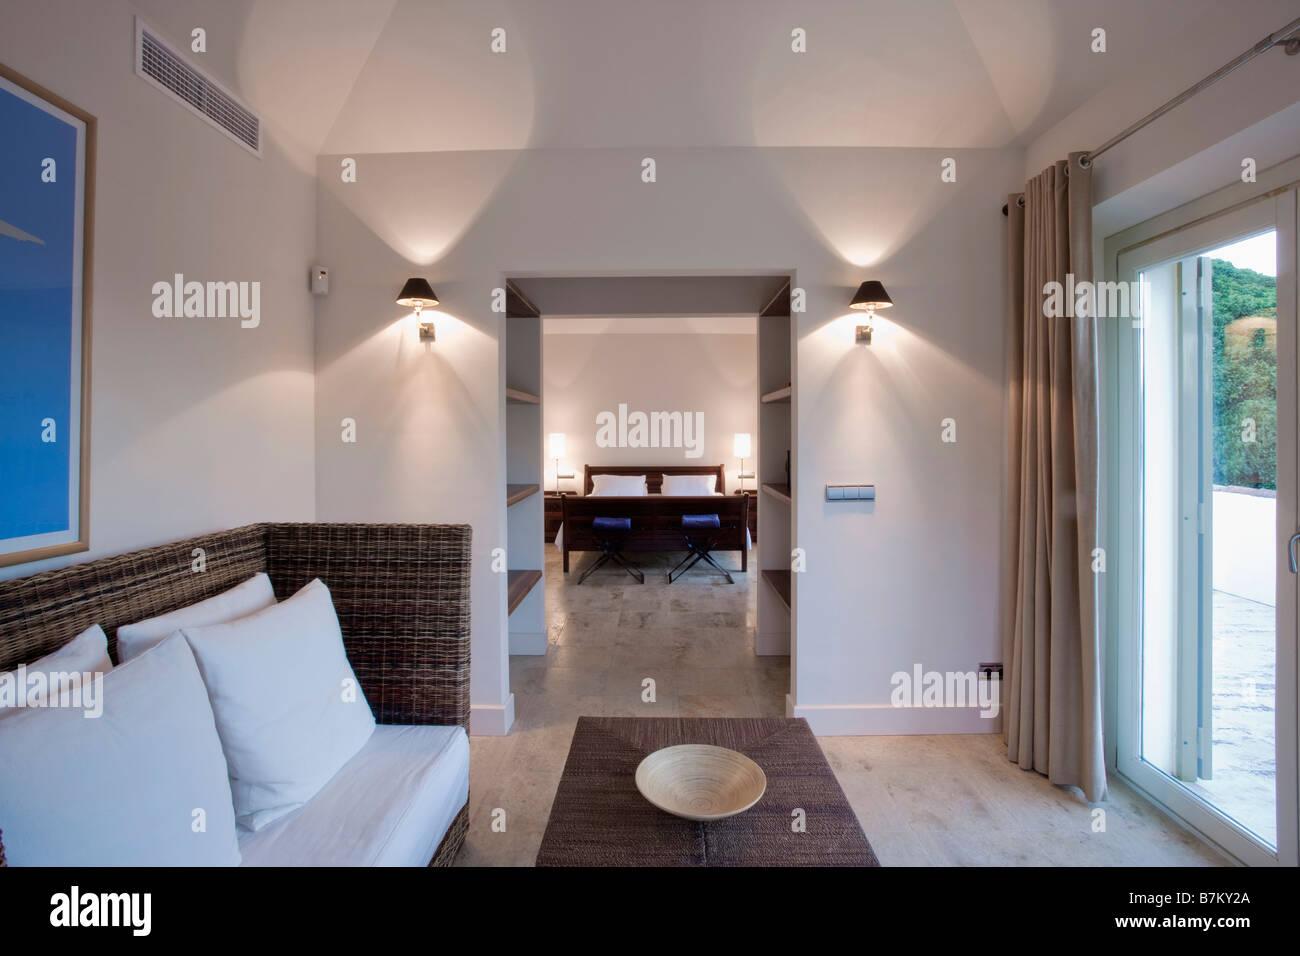 Accese le luci a parete su entrambi i lati della porta del soggiorno ...